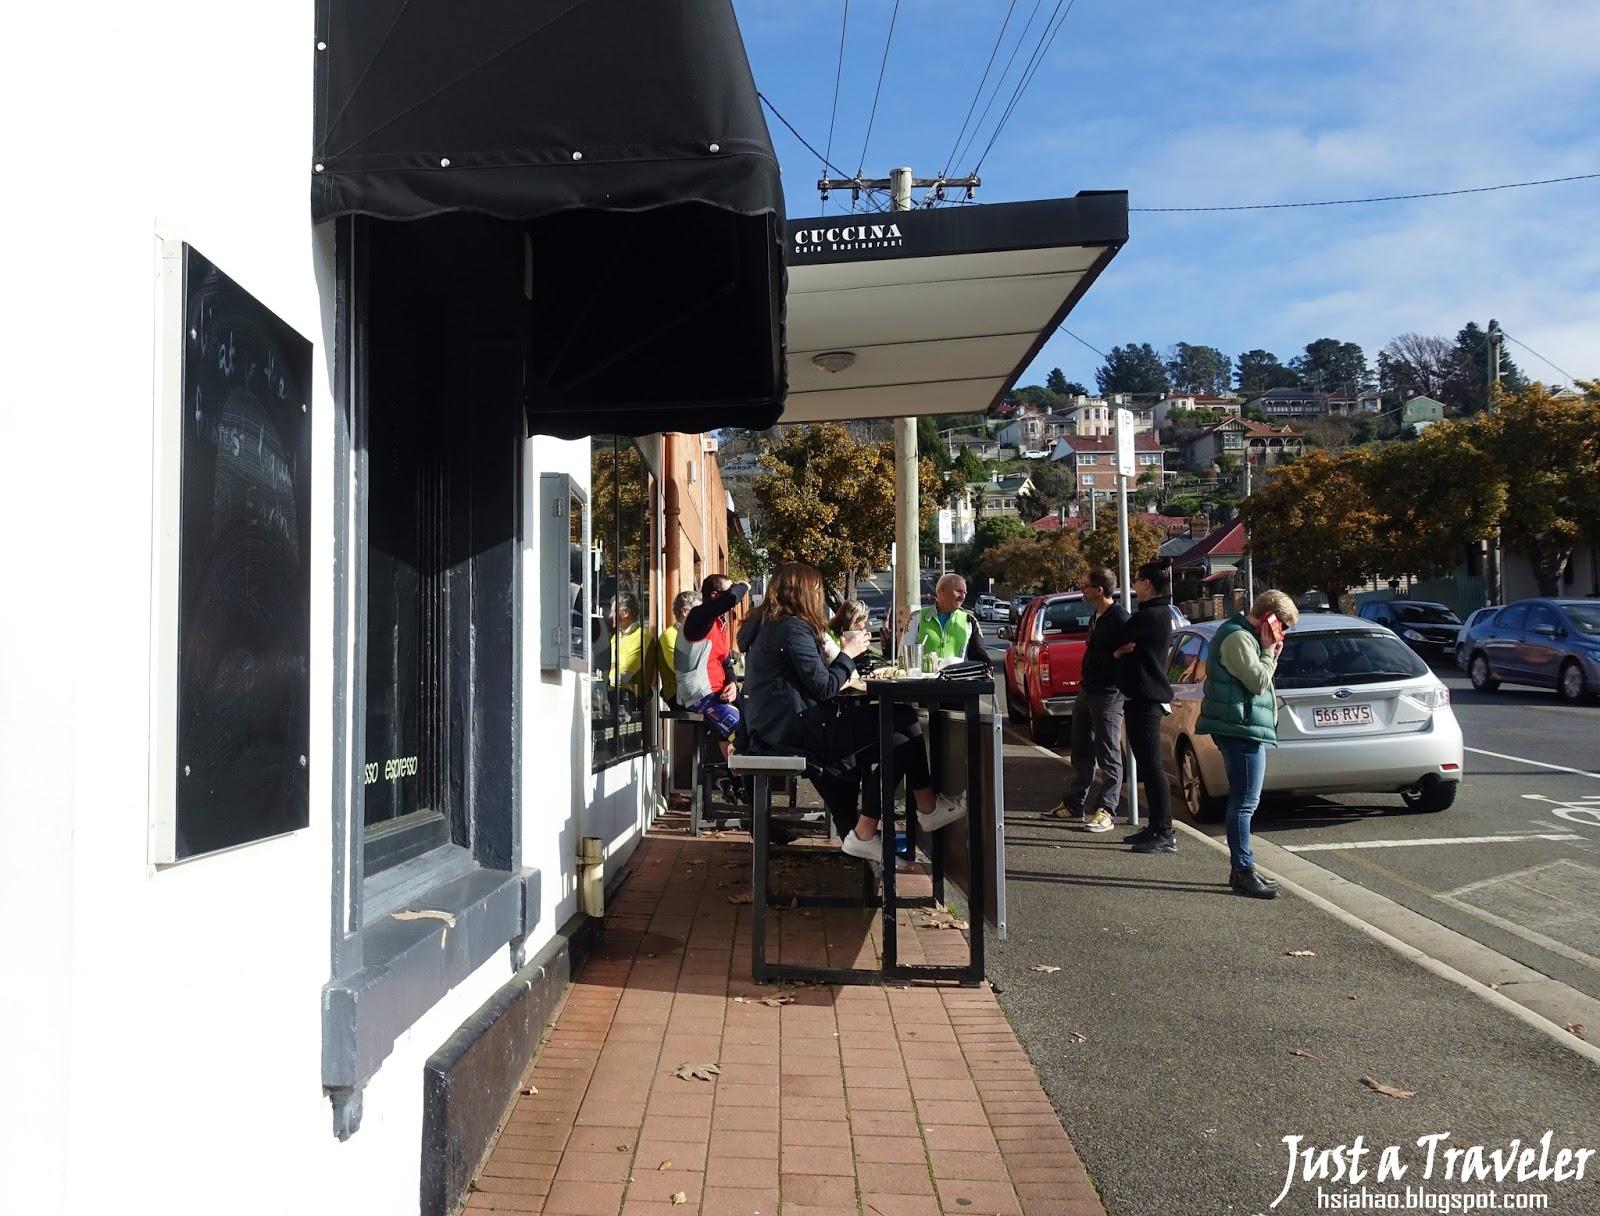 塔斯馬尼亞-美食-推薦-旅遊-自由行-澳洲-Tasmania-Launceston-Food-Australia